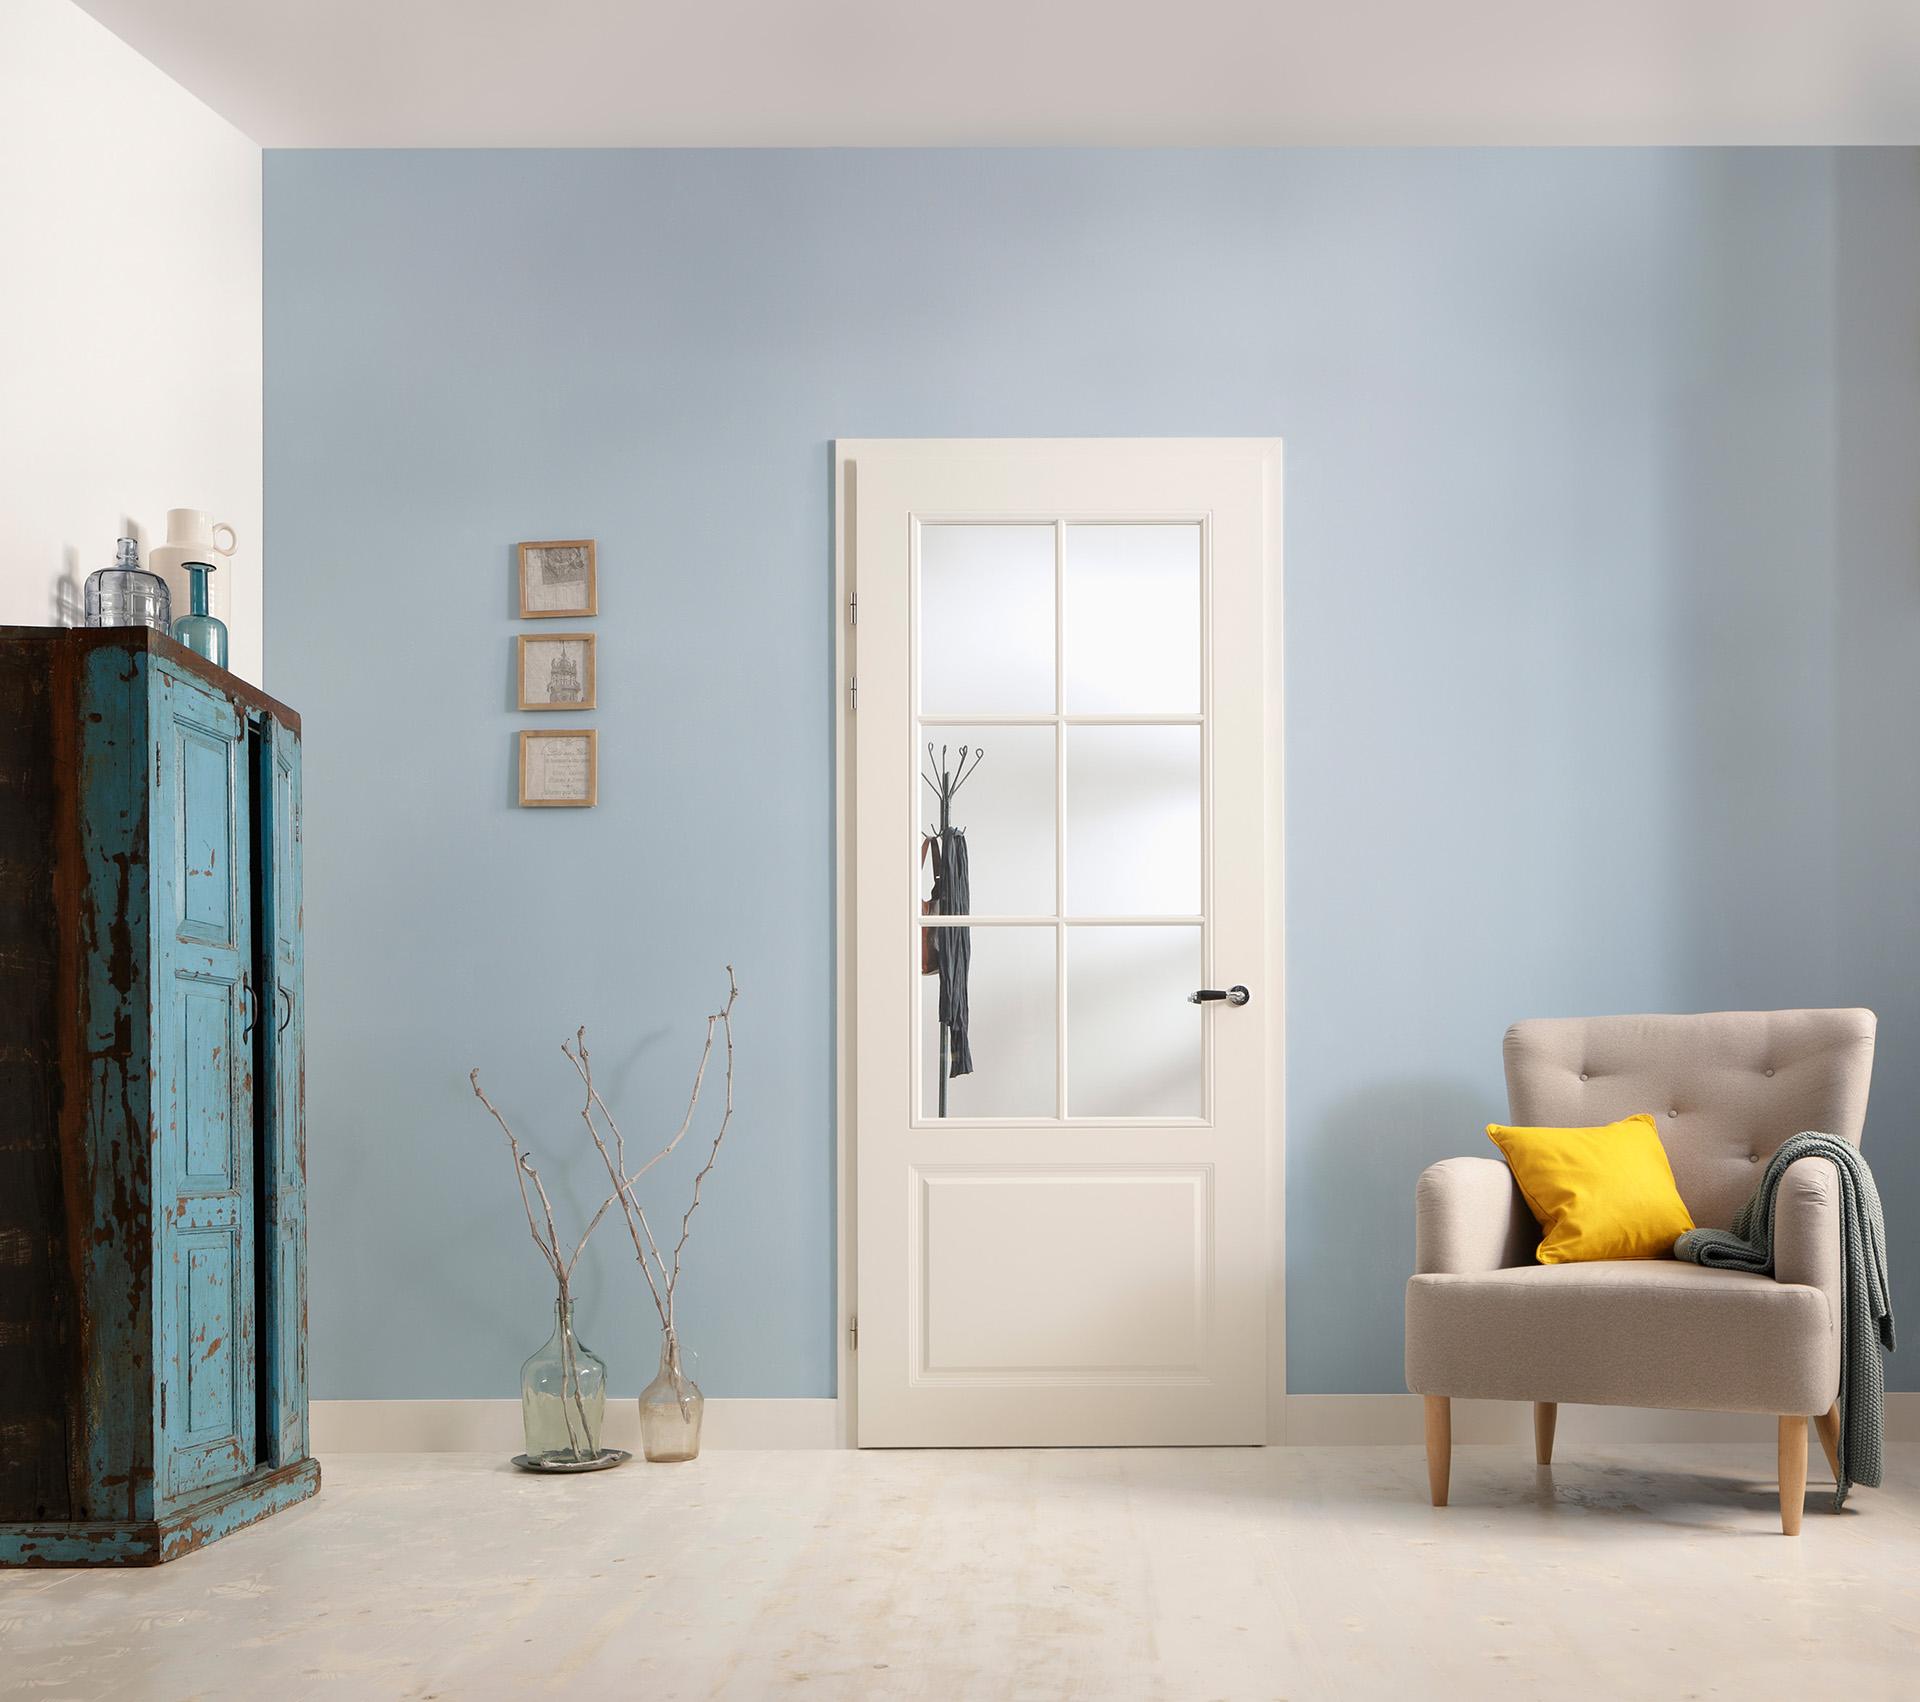 einige tipps zur reinigung von innent ren. Black Bedroom Furniture Sets. Home Design Ideas